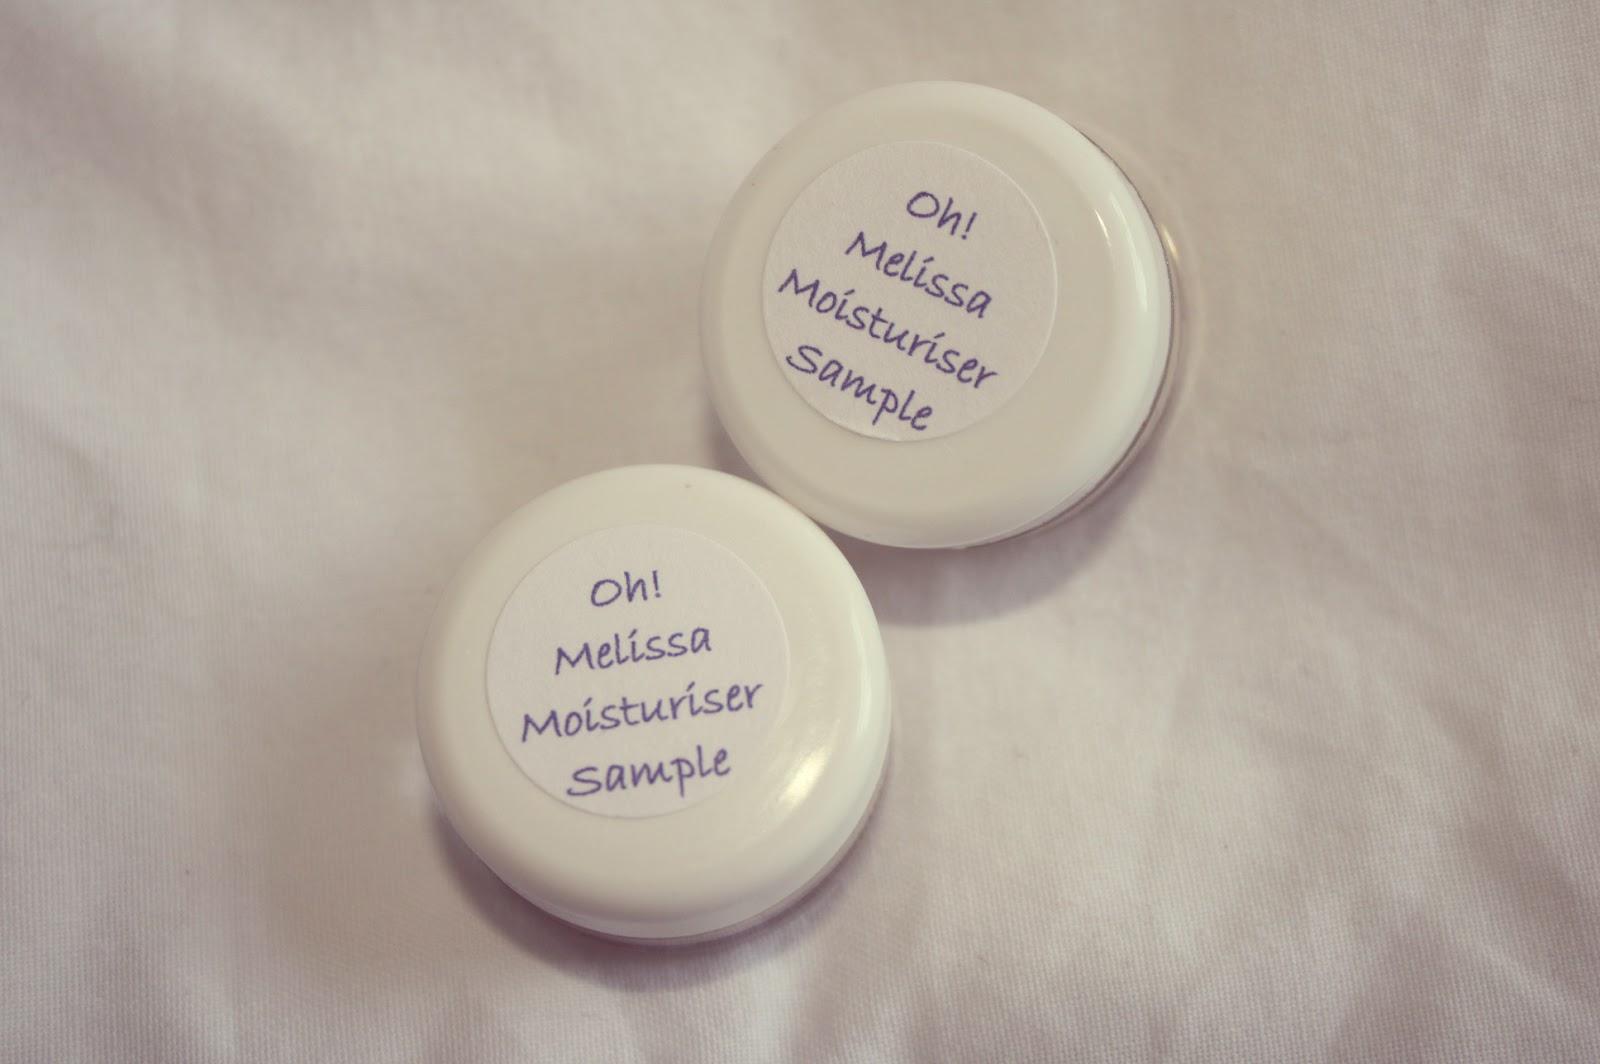 Oh! Organics moisturiser samples